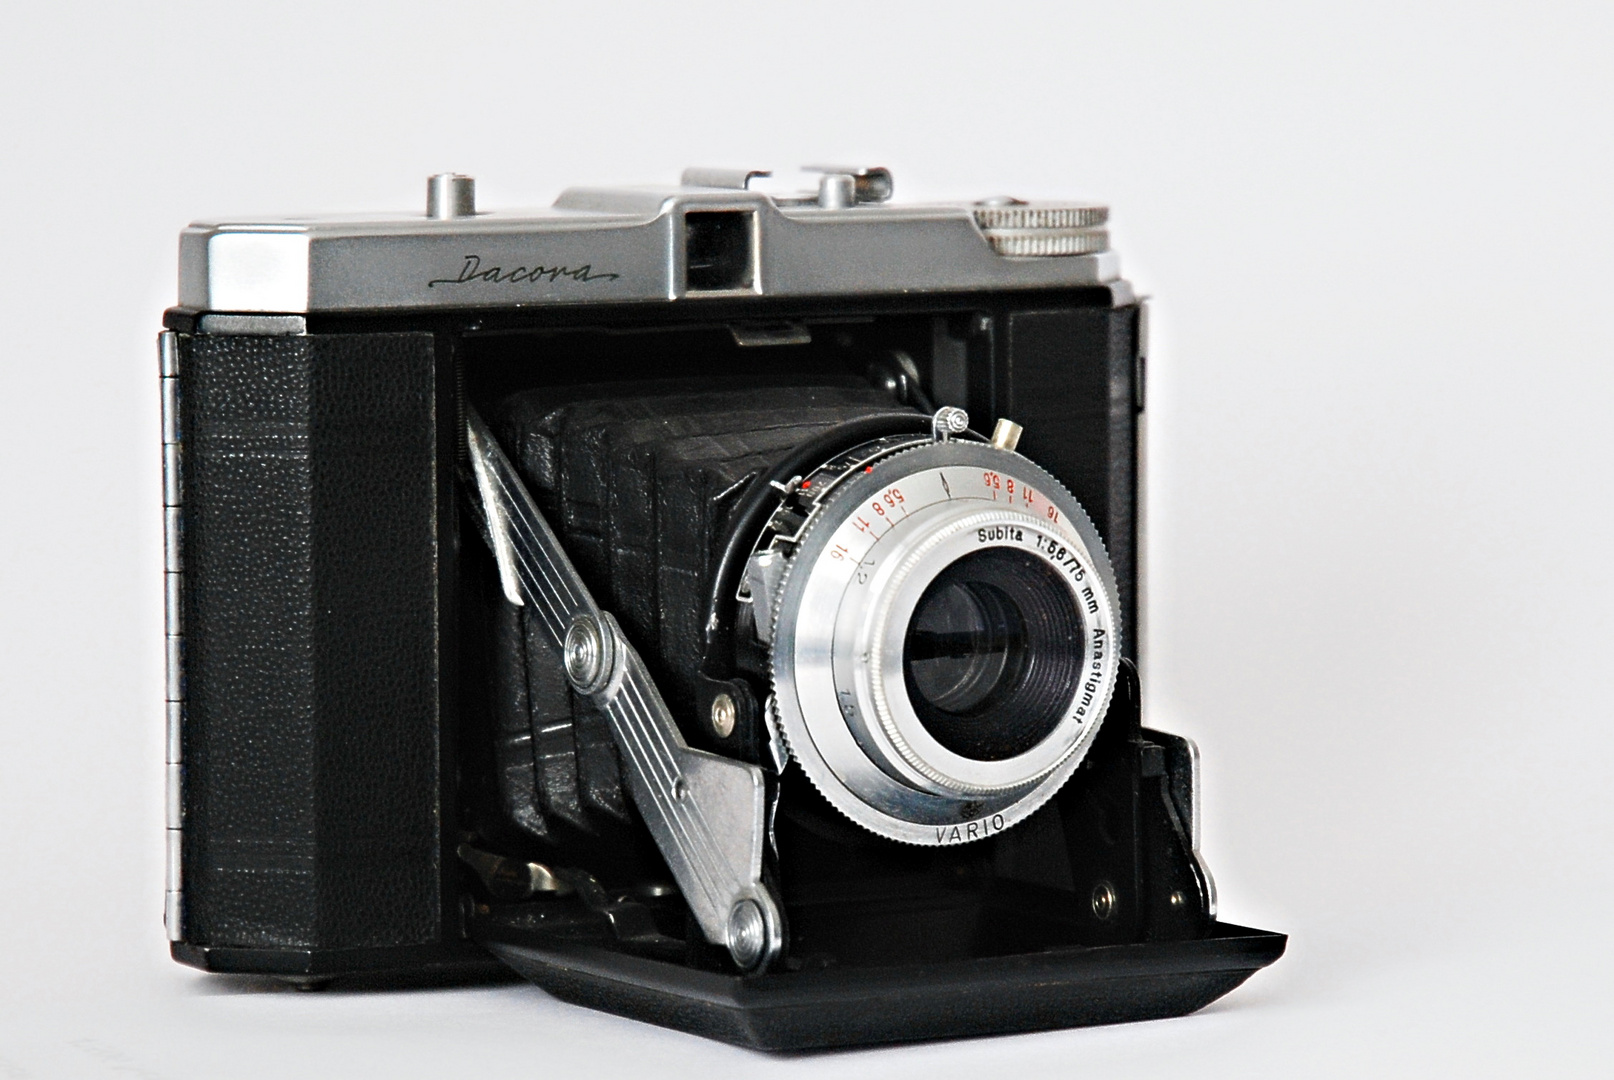 Aus der Zeit der analogen Fotografie